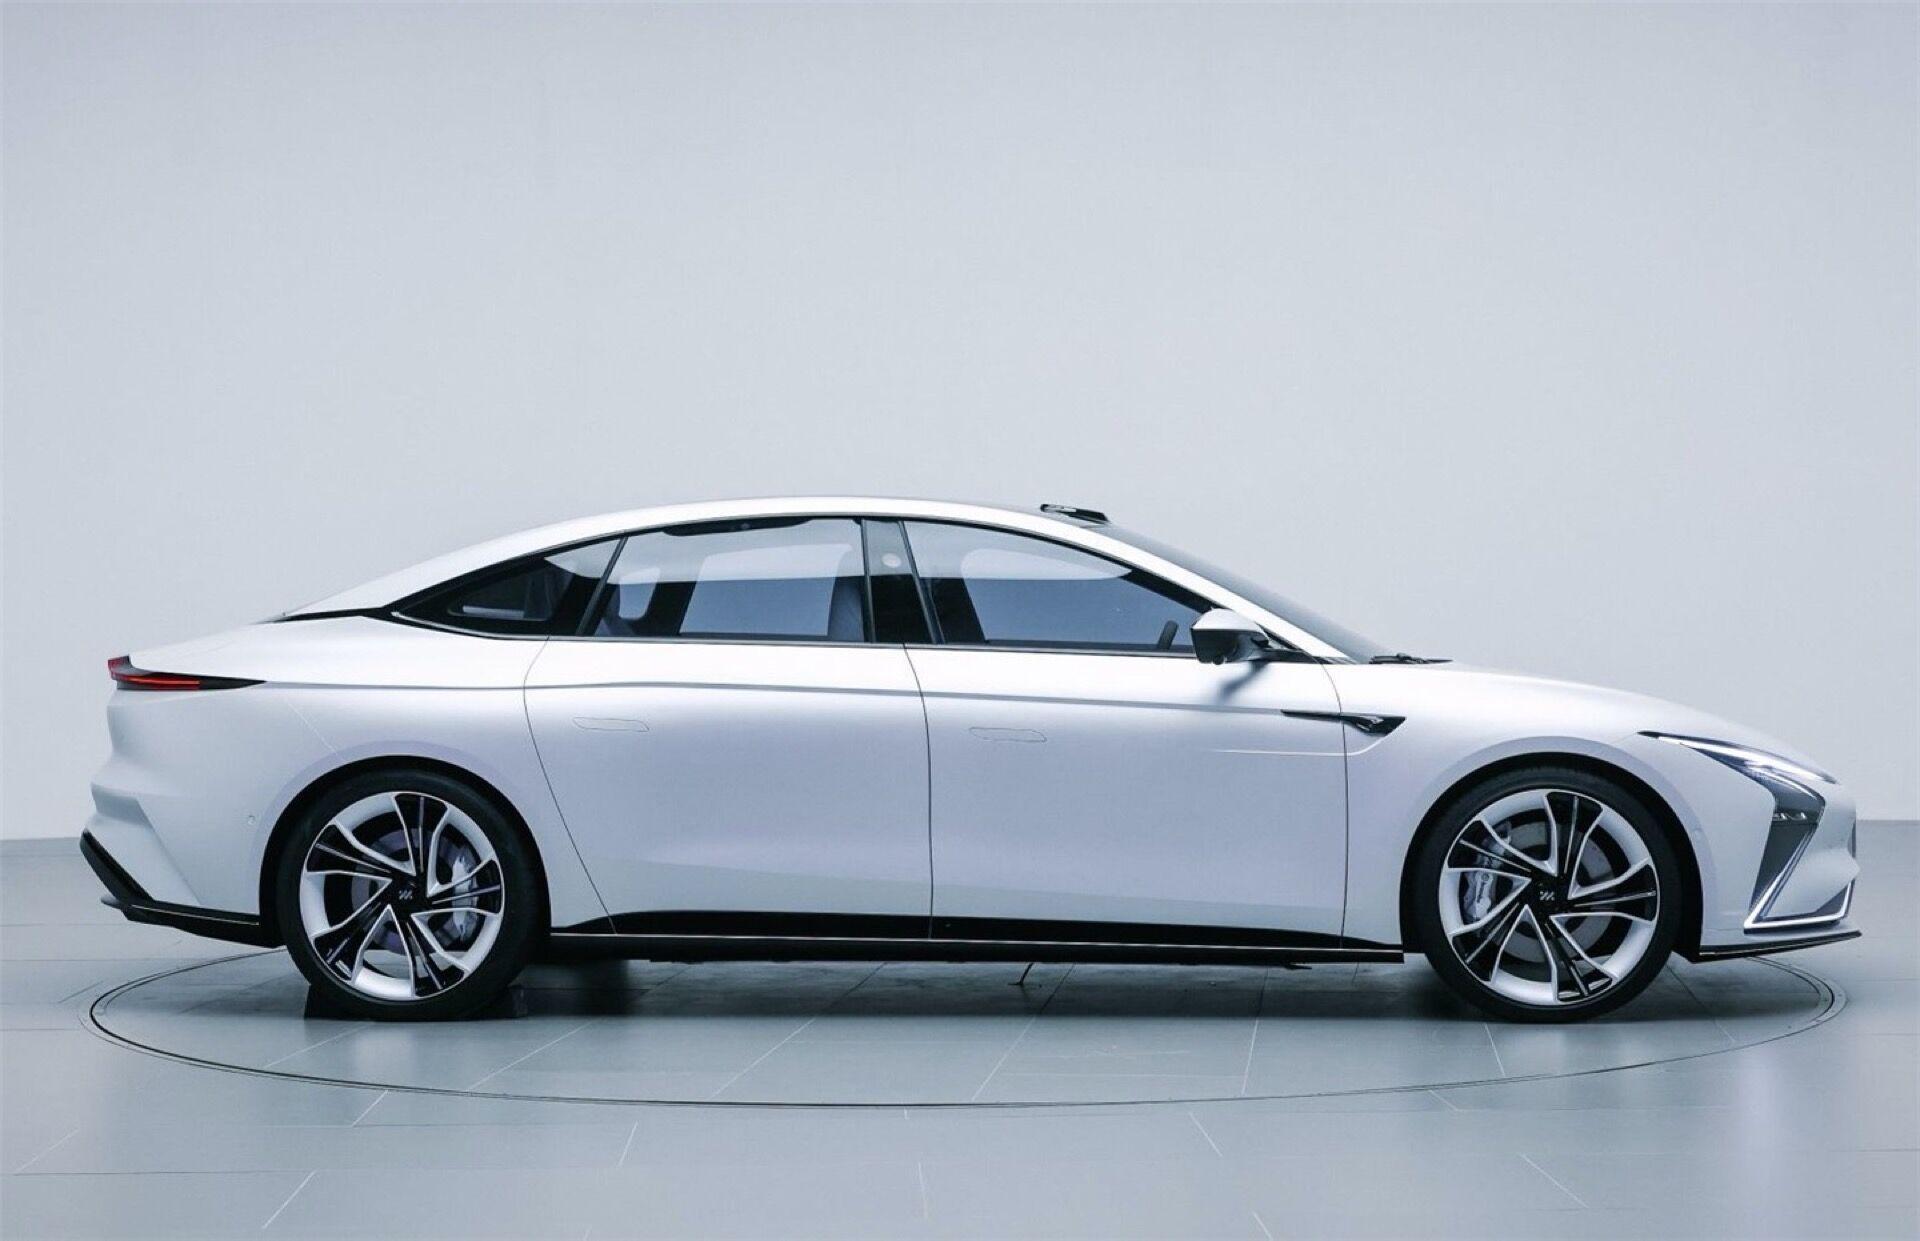 Автомобиль получит тяговый электродвигатель мощностью 400 кВт (544 л.с.) и крутящим моментом 700 Нм